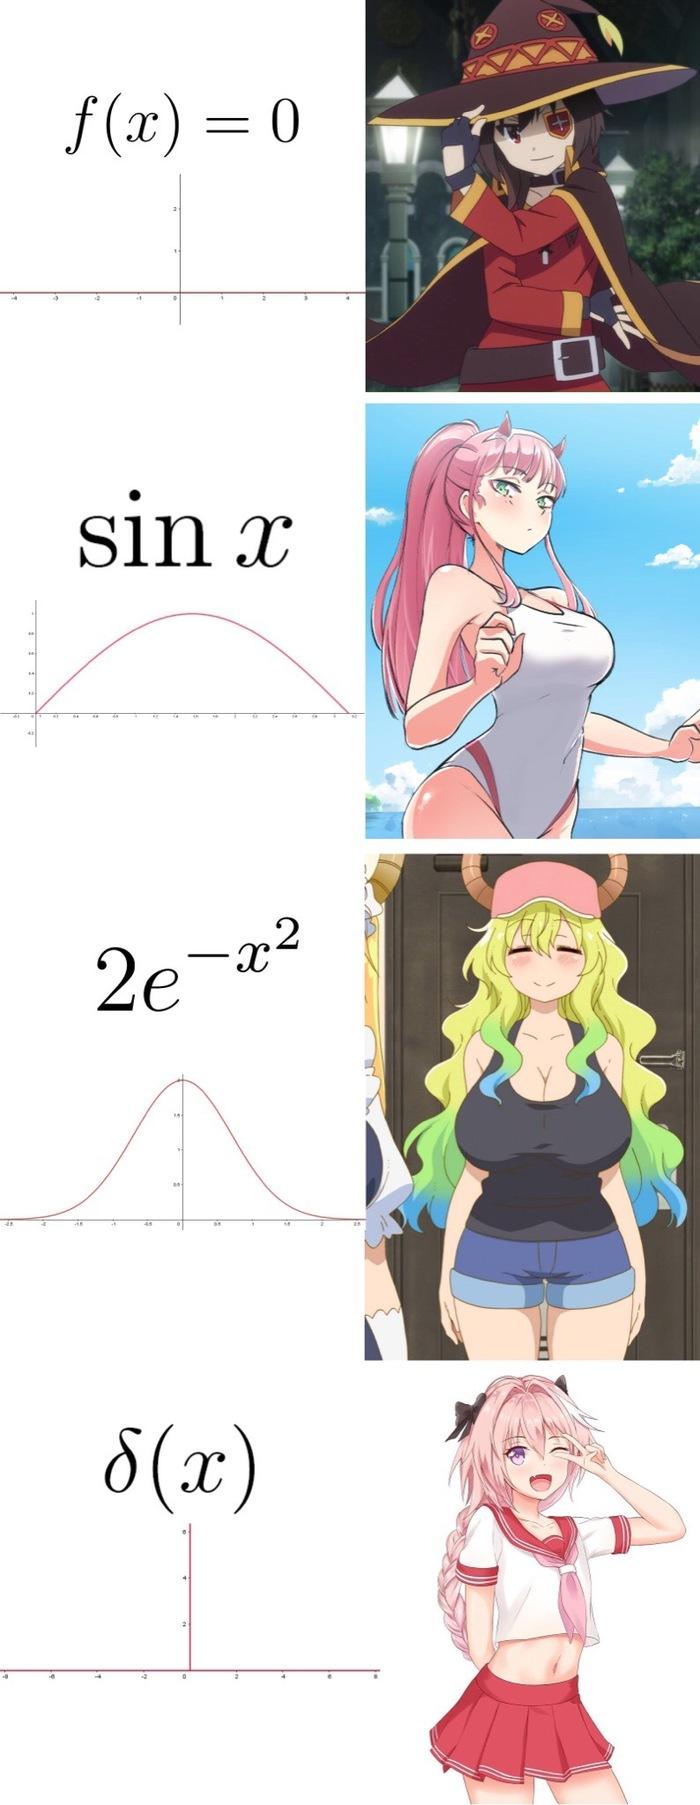 Мем, который большинство поймет максимум наполовину Its a trap!, Трапомем, Математика, Математики шутят, Аниме, Astolfo, Длиннопост